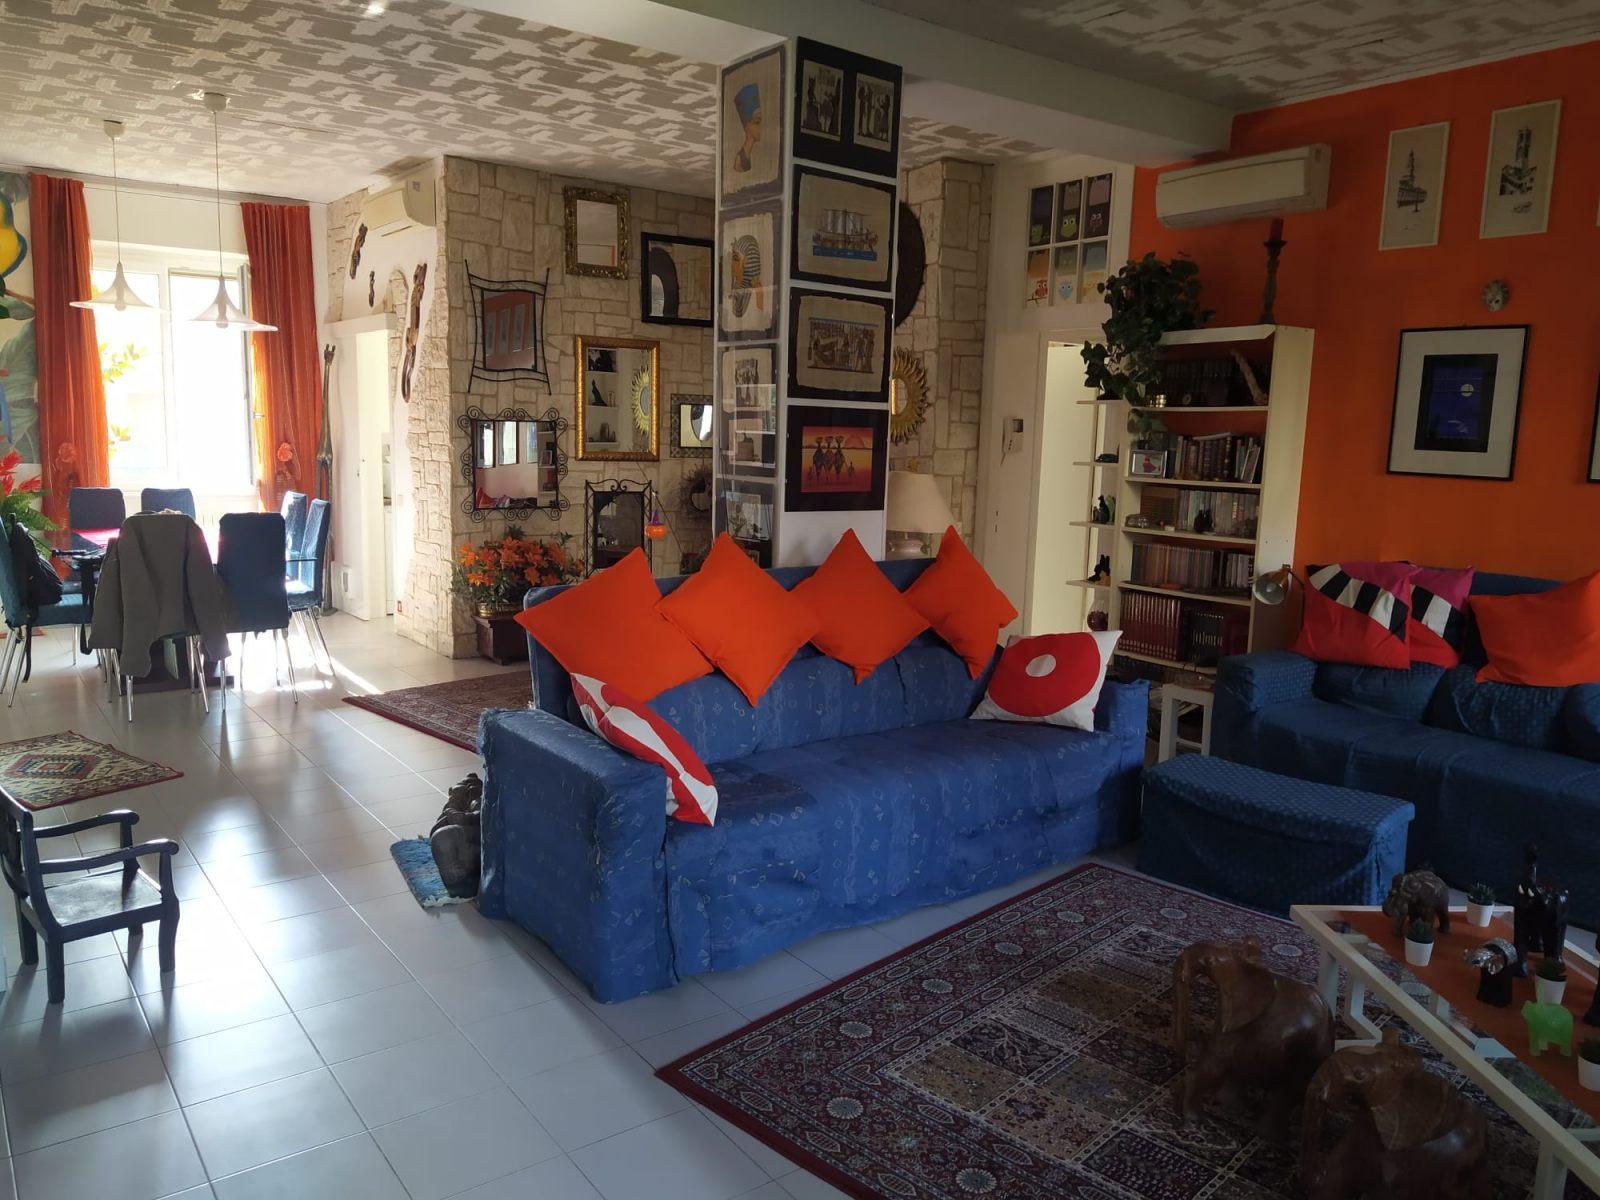 appartamento-in-vendita-a-milano-bagio-3-locali-via-cabella-spaziourbano-immobiliare-vende-8